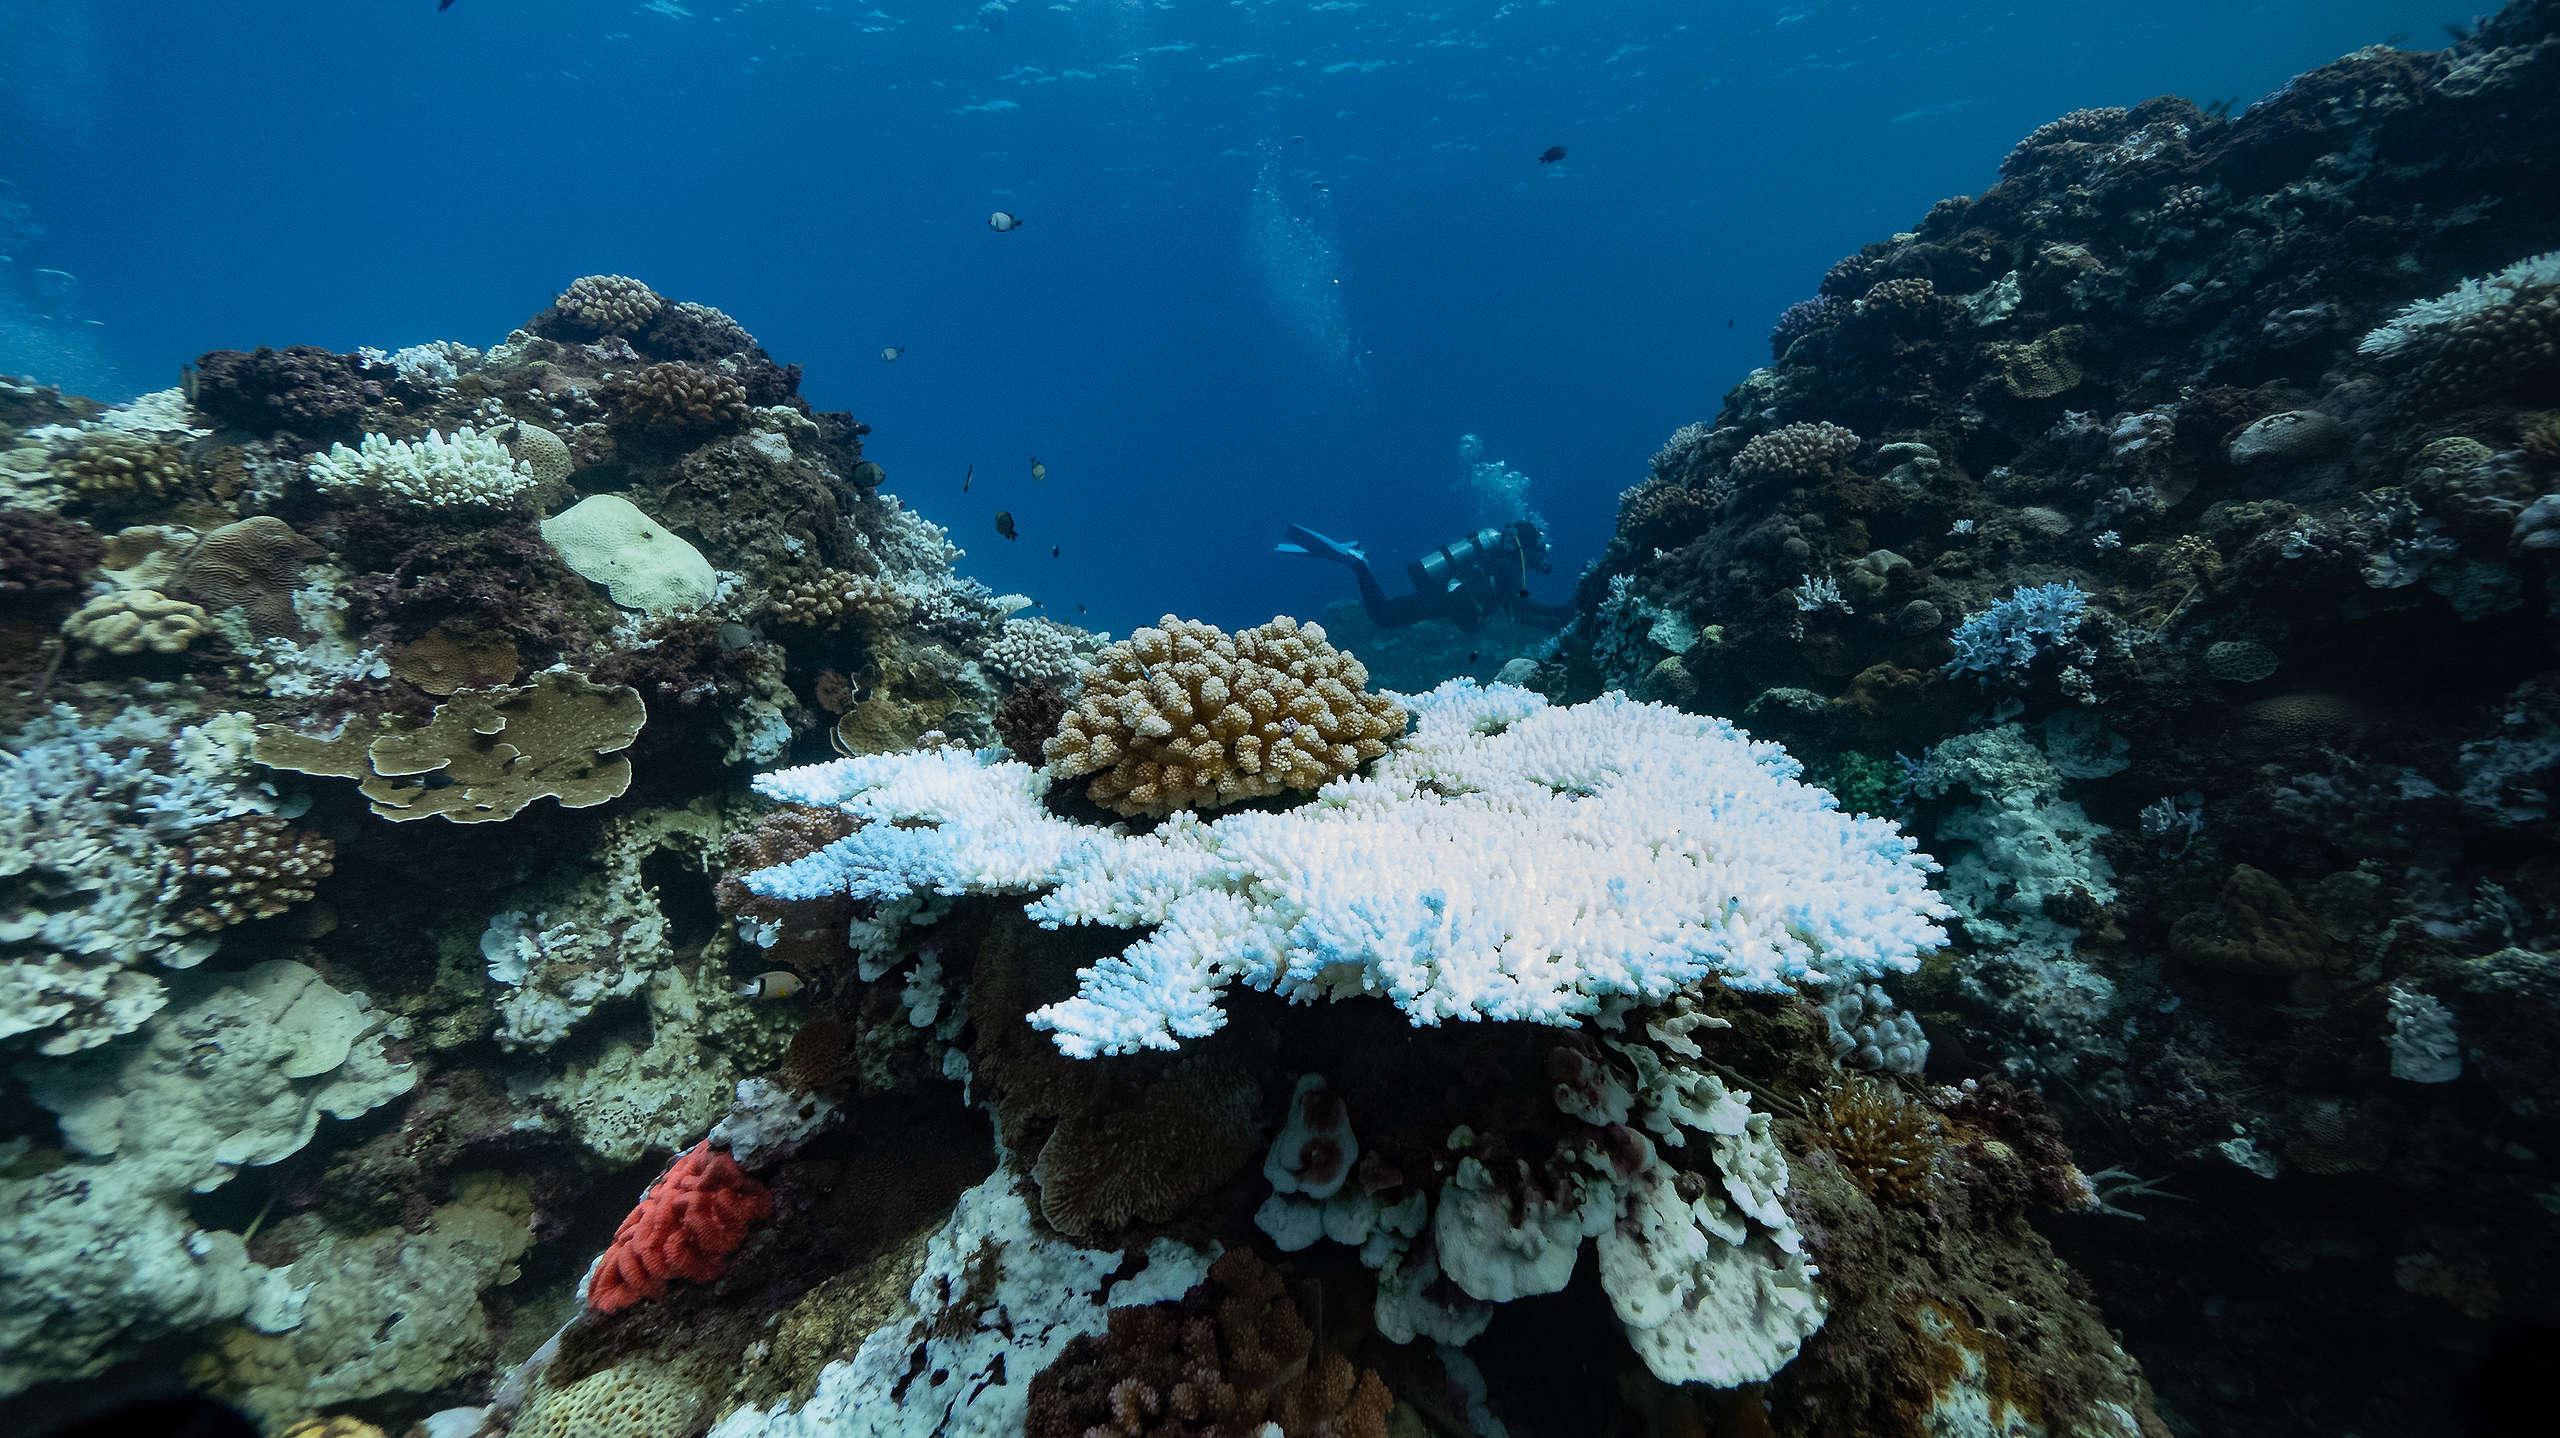 邱聰榮感嘆如今海洋生態已不同以往,珊瑚白化嚴重甚至死亡,代表在此棲息、覓食的物種將不復存在,必須此刻就從源頭改善環境,減緩氣候變遷、減少海洋破壞。